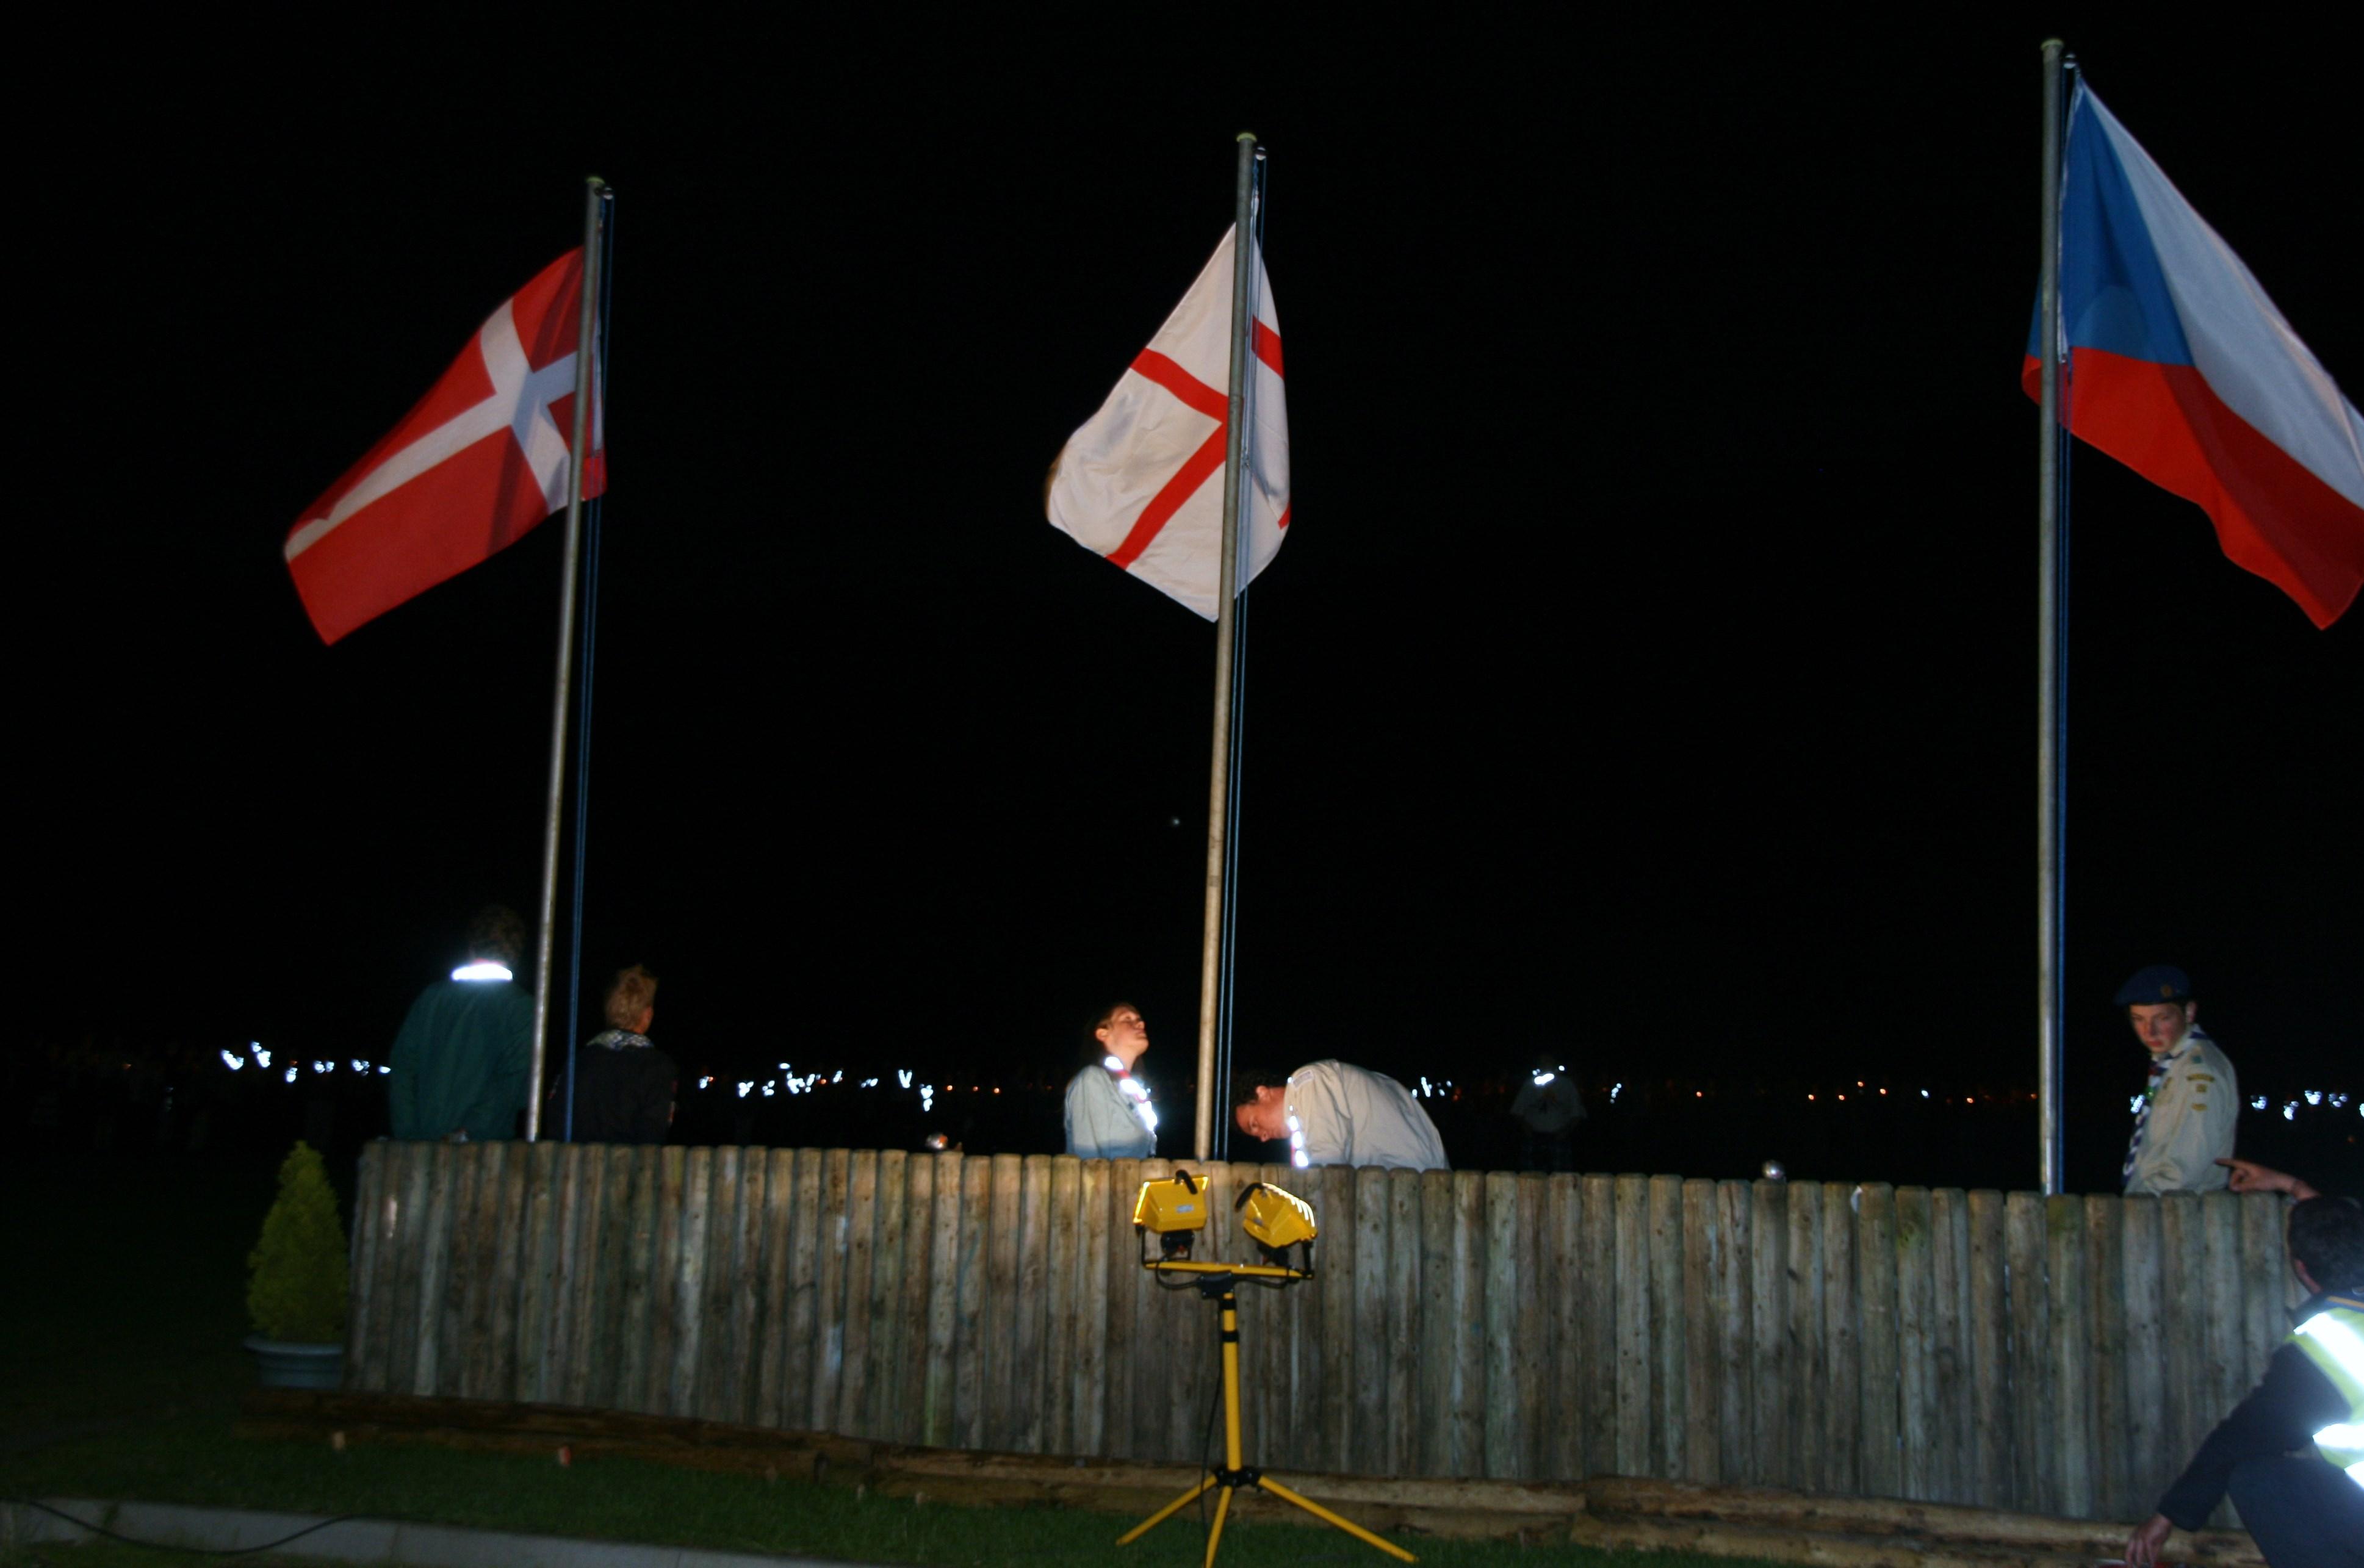 International flags at a camp at Bonaly